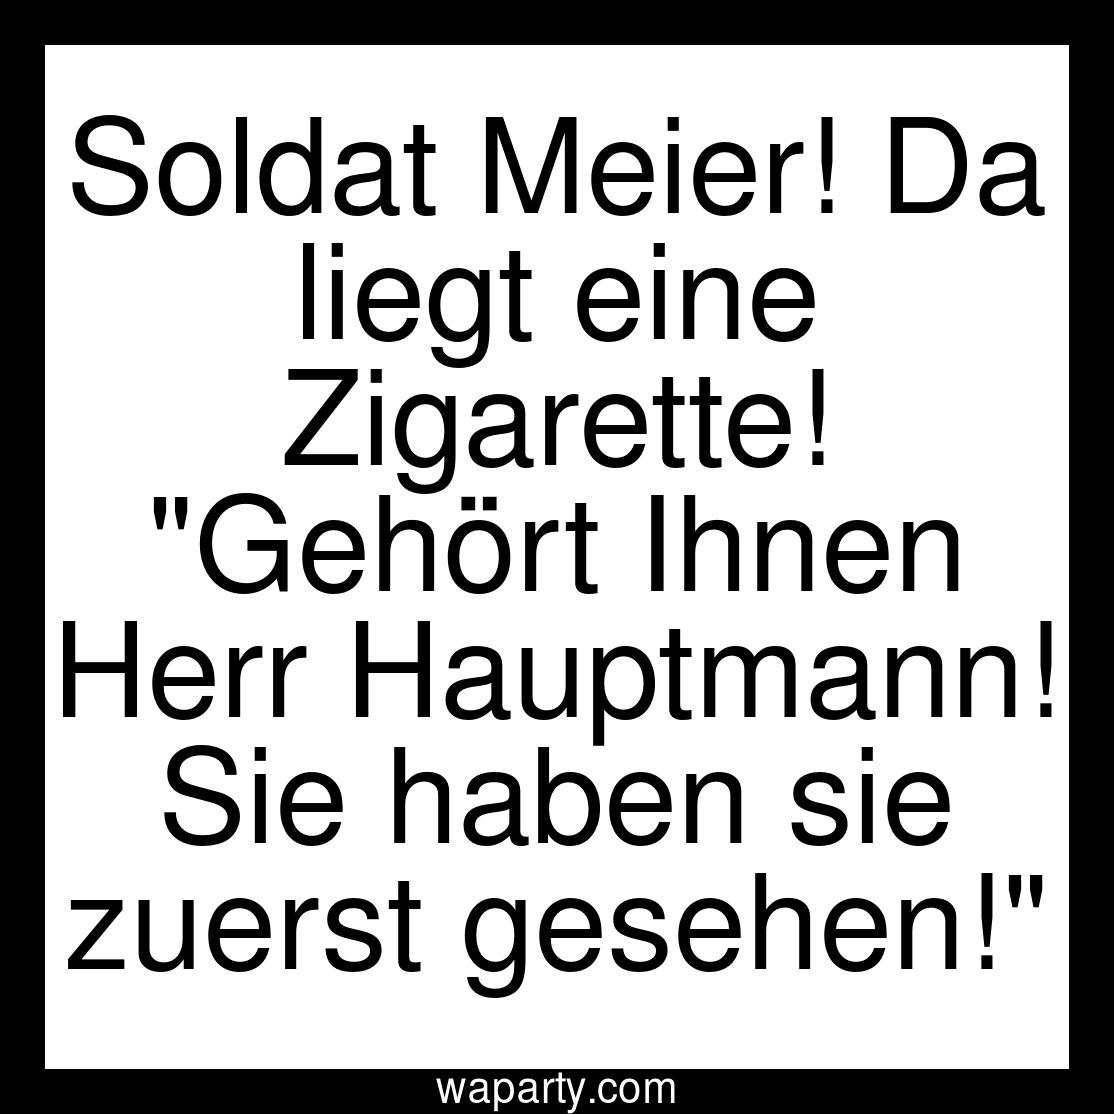 Soldat Meier! Da liegt eine Zigarette! Gehört Ihnen Herr Hauptmann! Sie haben sie zuerst gesehen!